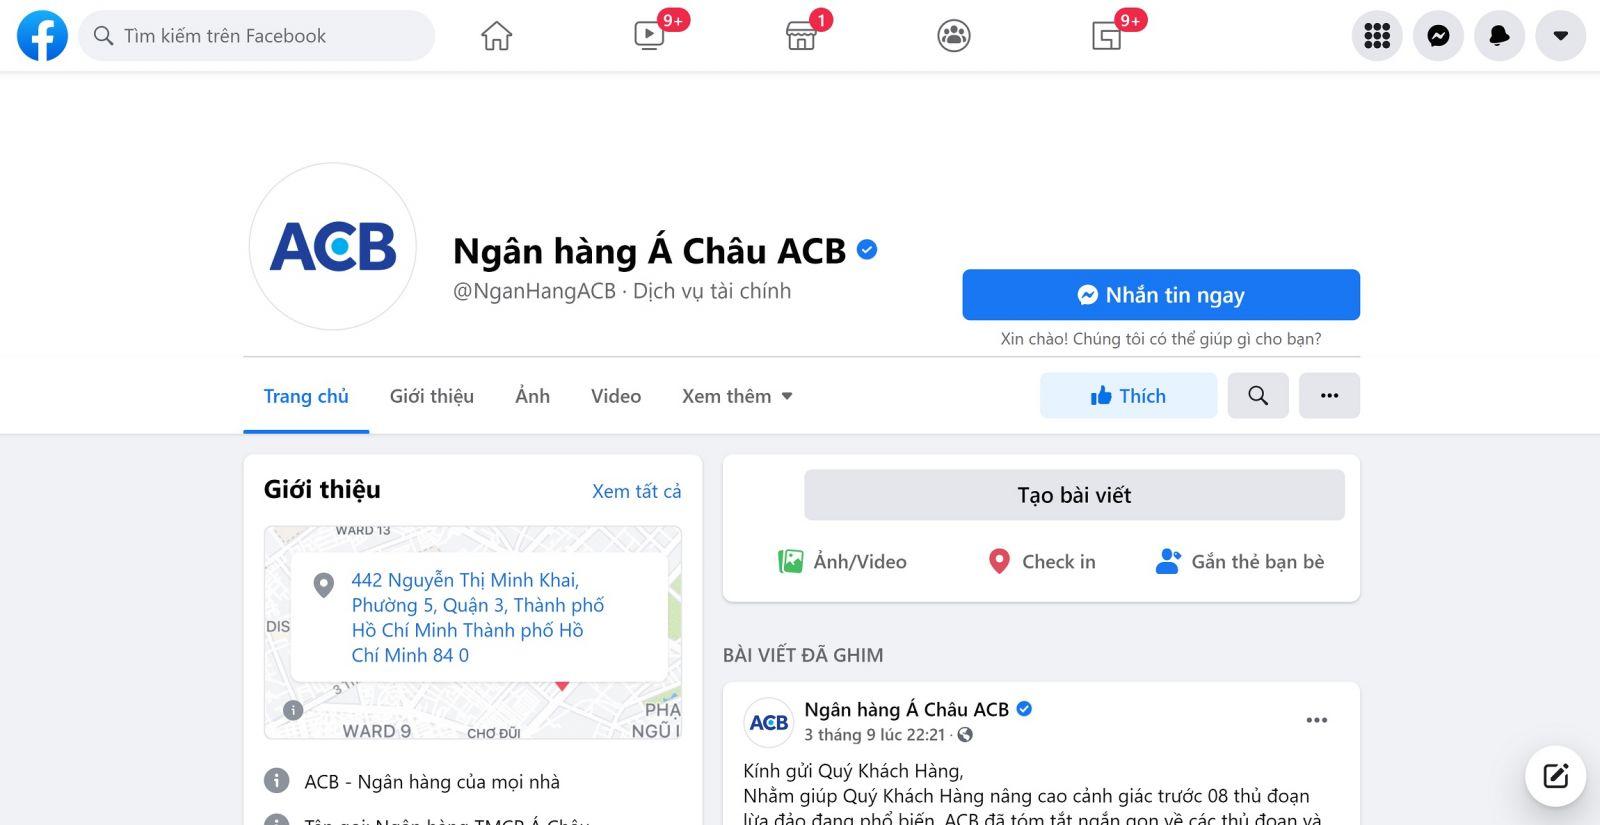 liên hệ với nhân viên tư vấn của ngân hàng ACB qua Facebook